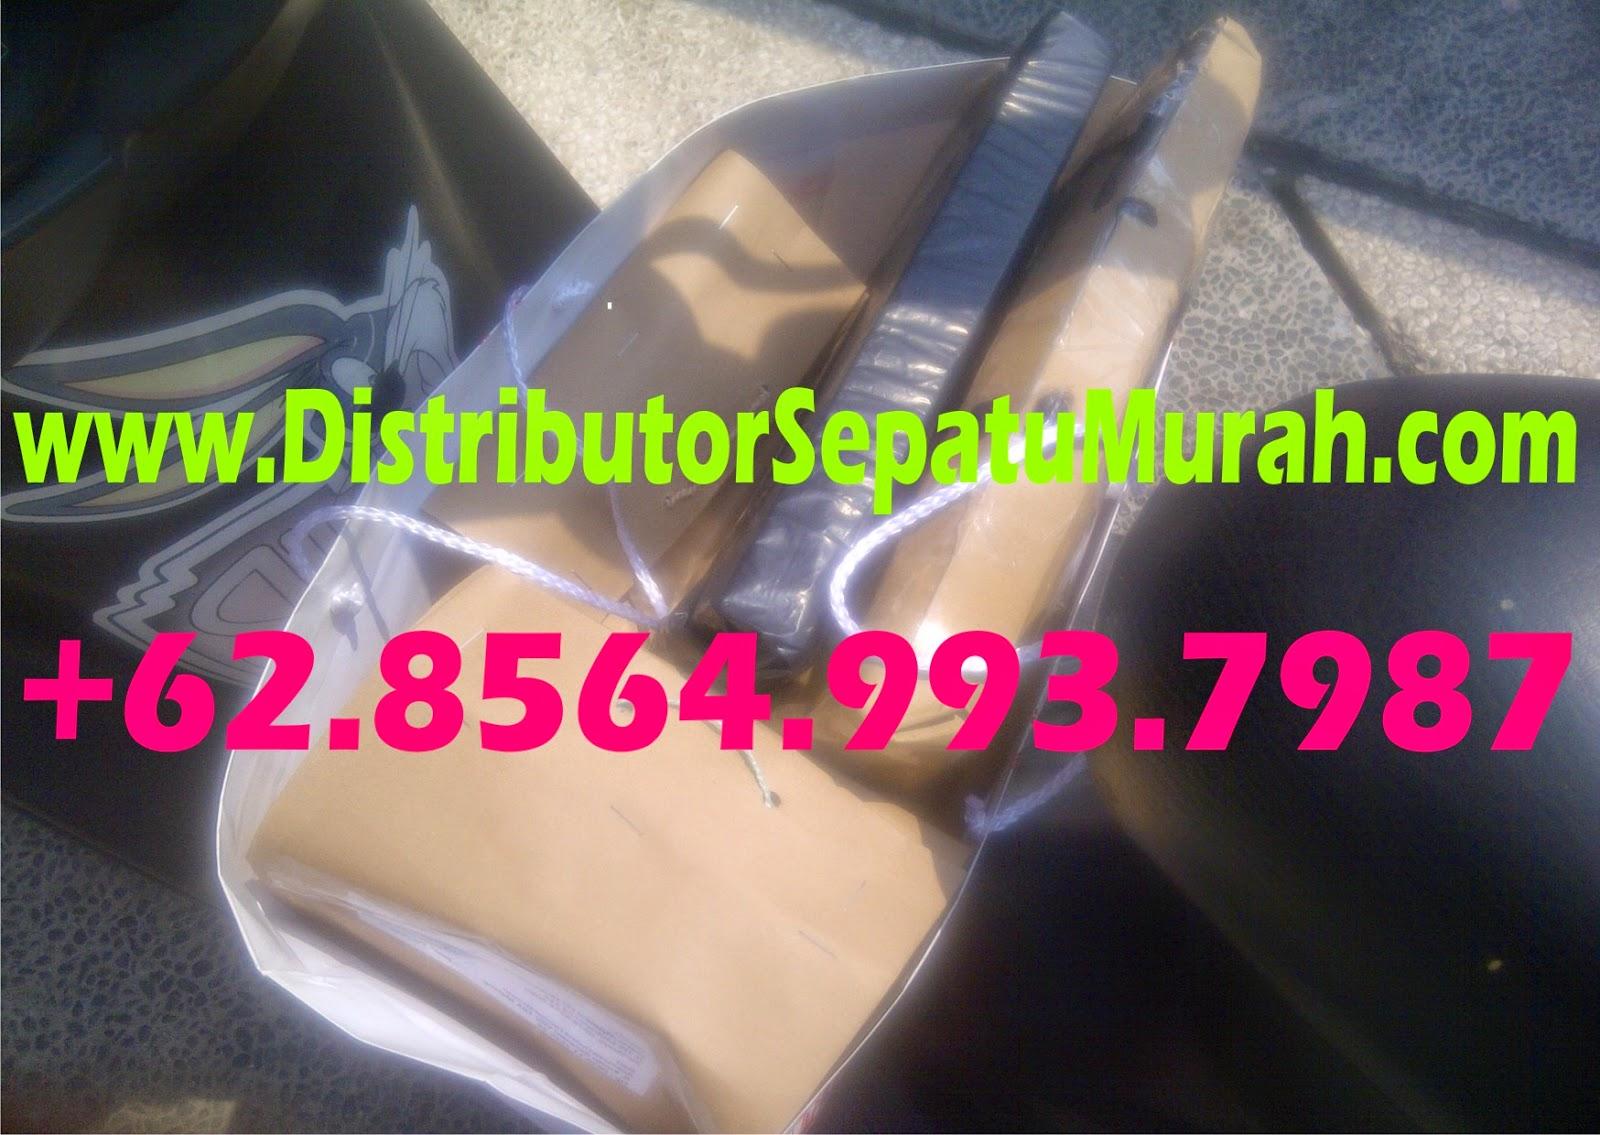 Sepatu Online Wanita Murah, Jual Sepatu Wanita Murah Online, Jual Sepatu Wanita Branded Online, www.distributorsepatumurah.com